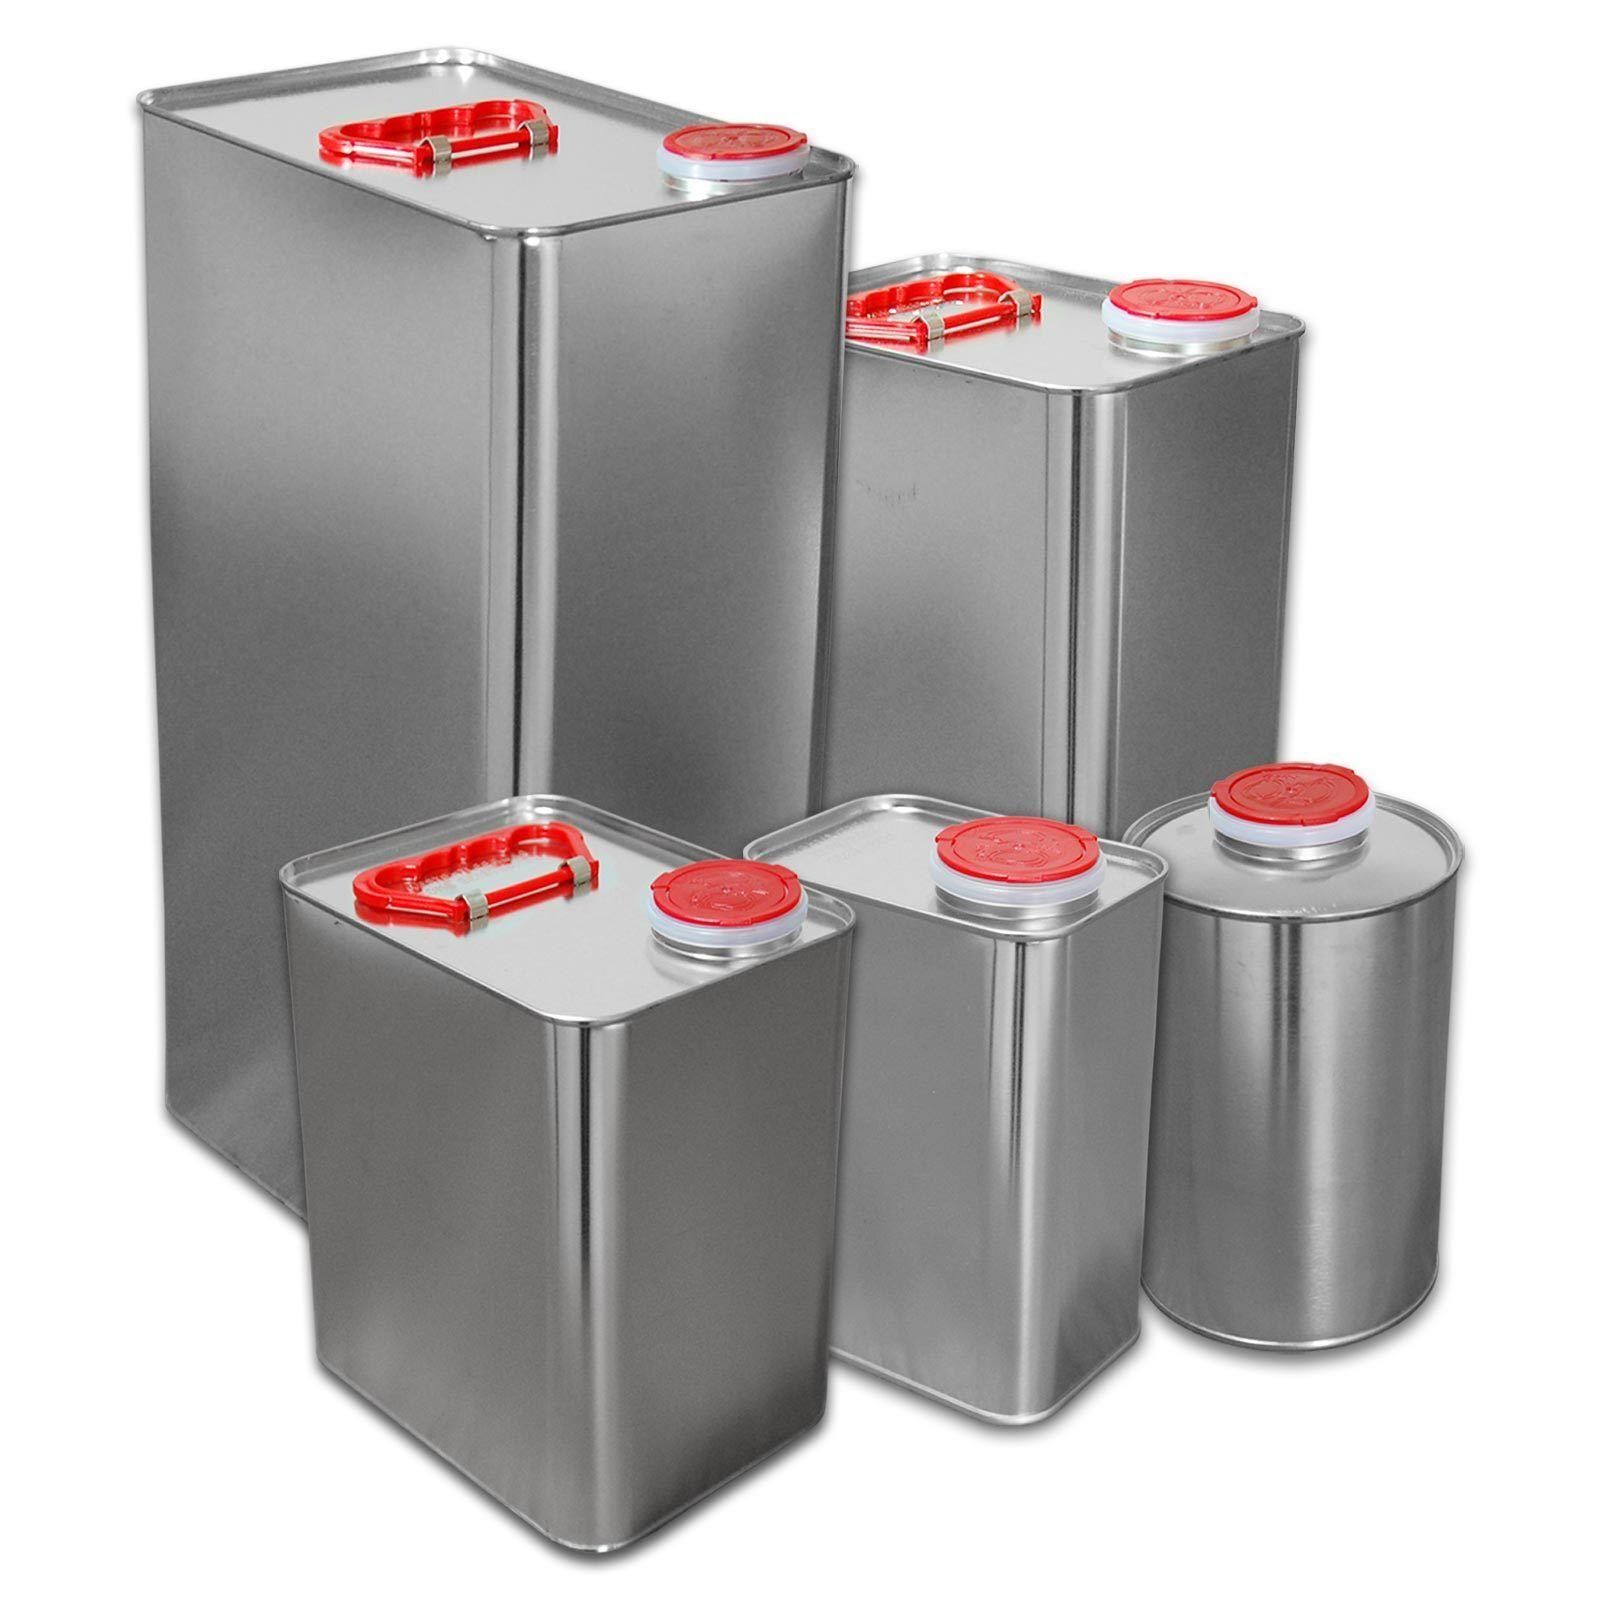 Blechkanister mit Zulassung Kanister Metallbehälter Metallbehälter Metallbehälter Weißblechkanister 45457e